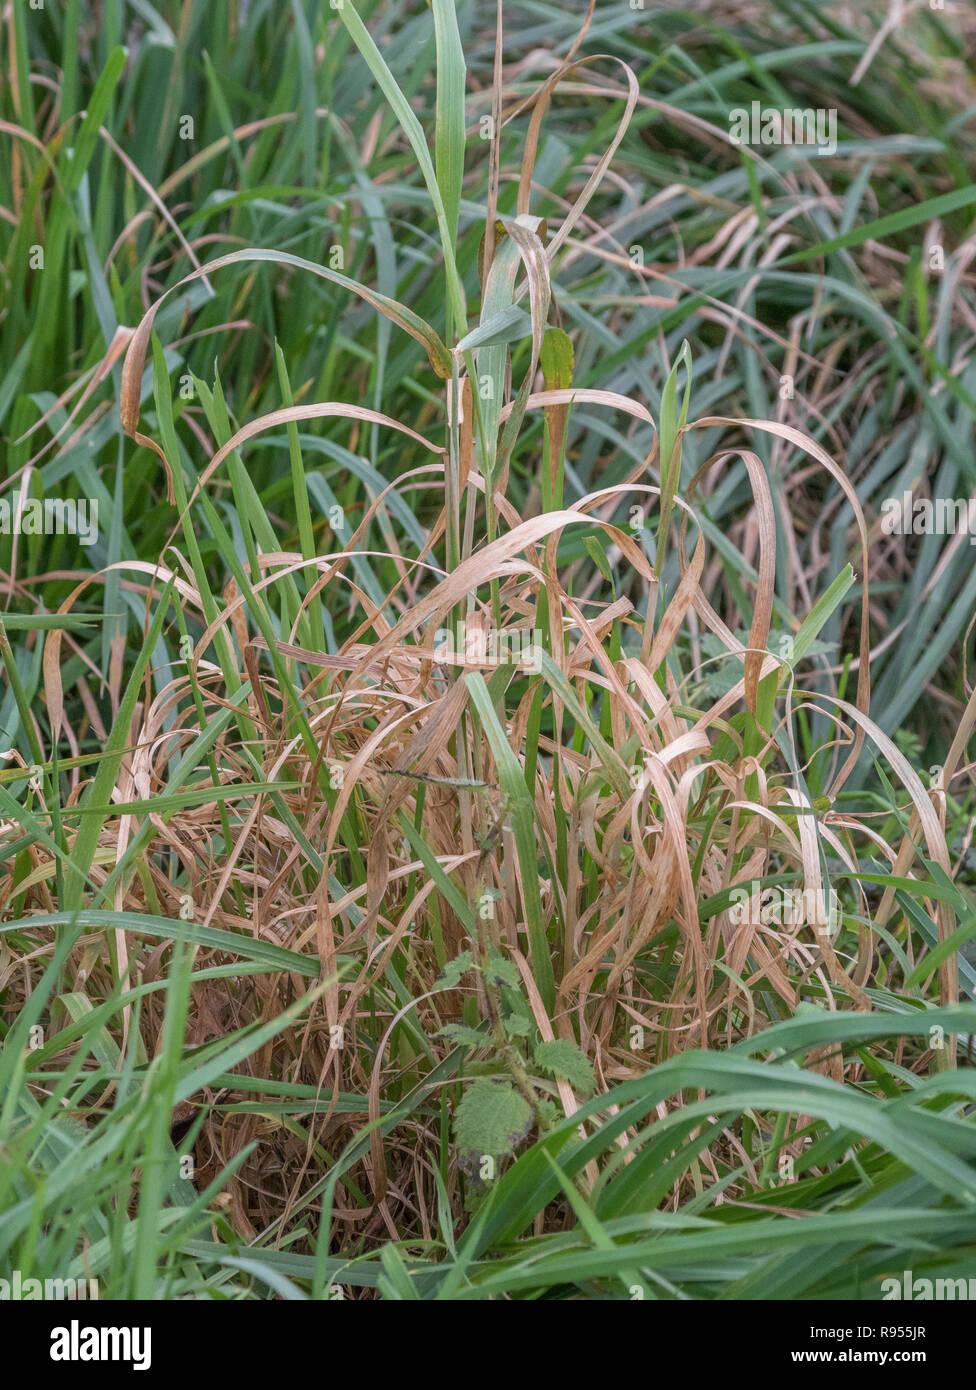 Mechón de pasto moribundo al final de temporada. También metáfora de la vejez, a punto de morir, la muerte de la High street UK, muertos, parche de hierba. Foto de stock